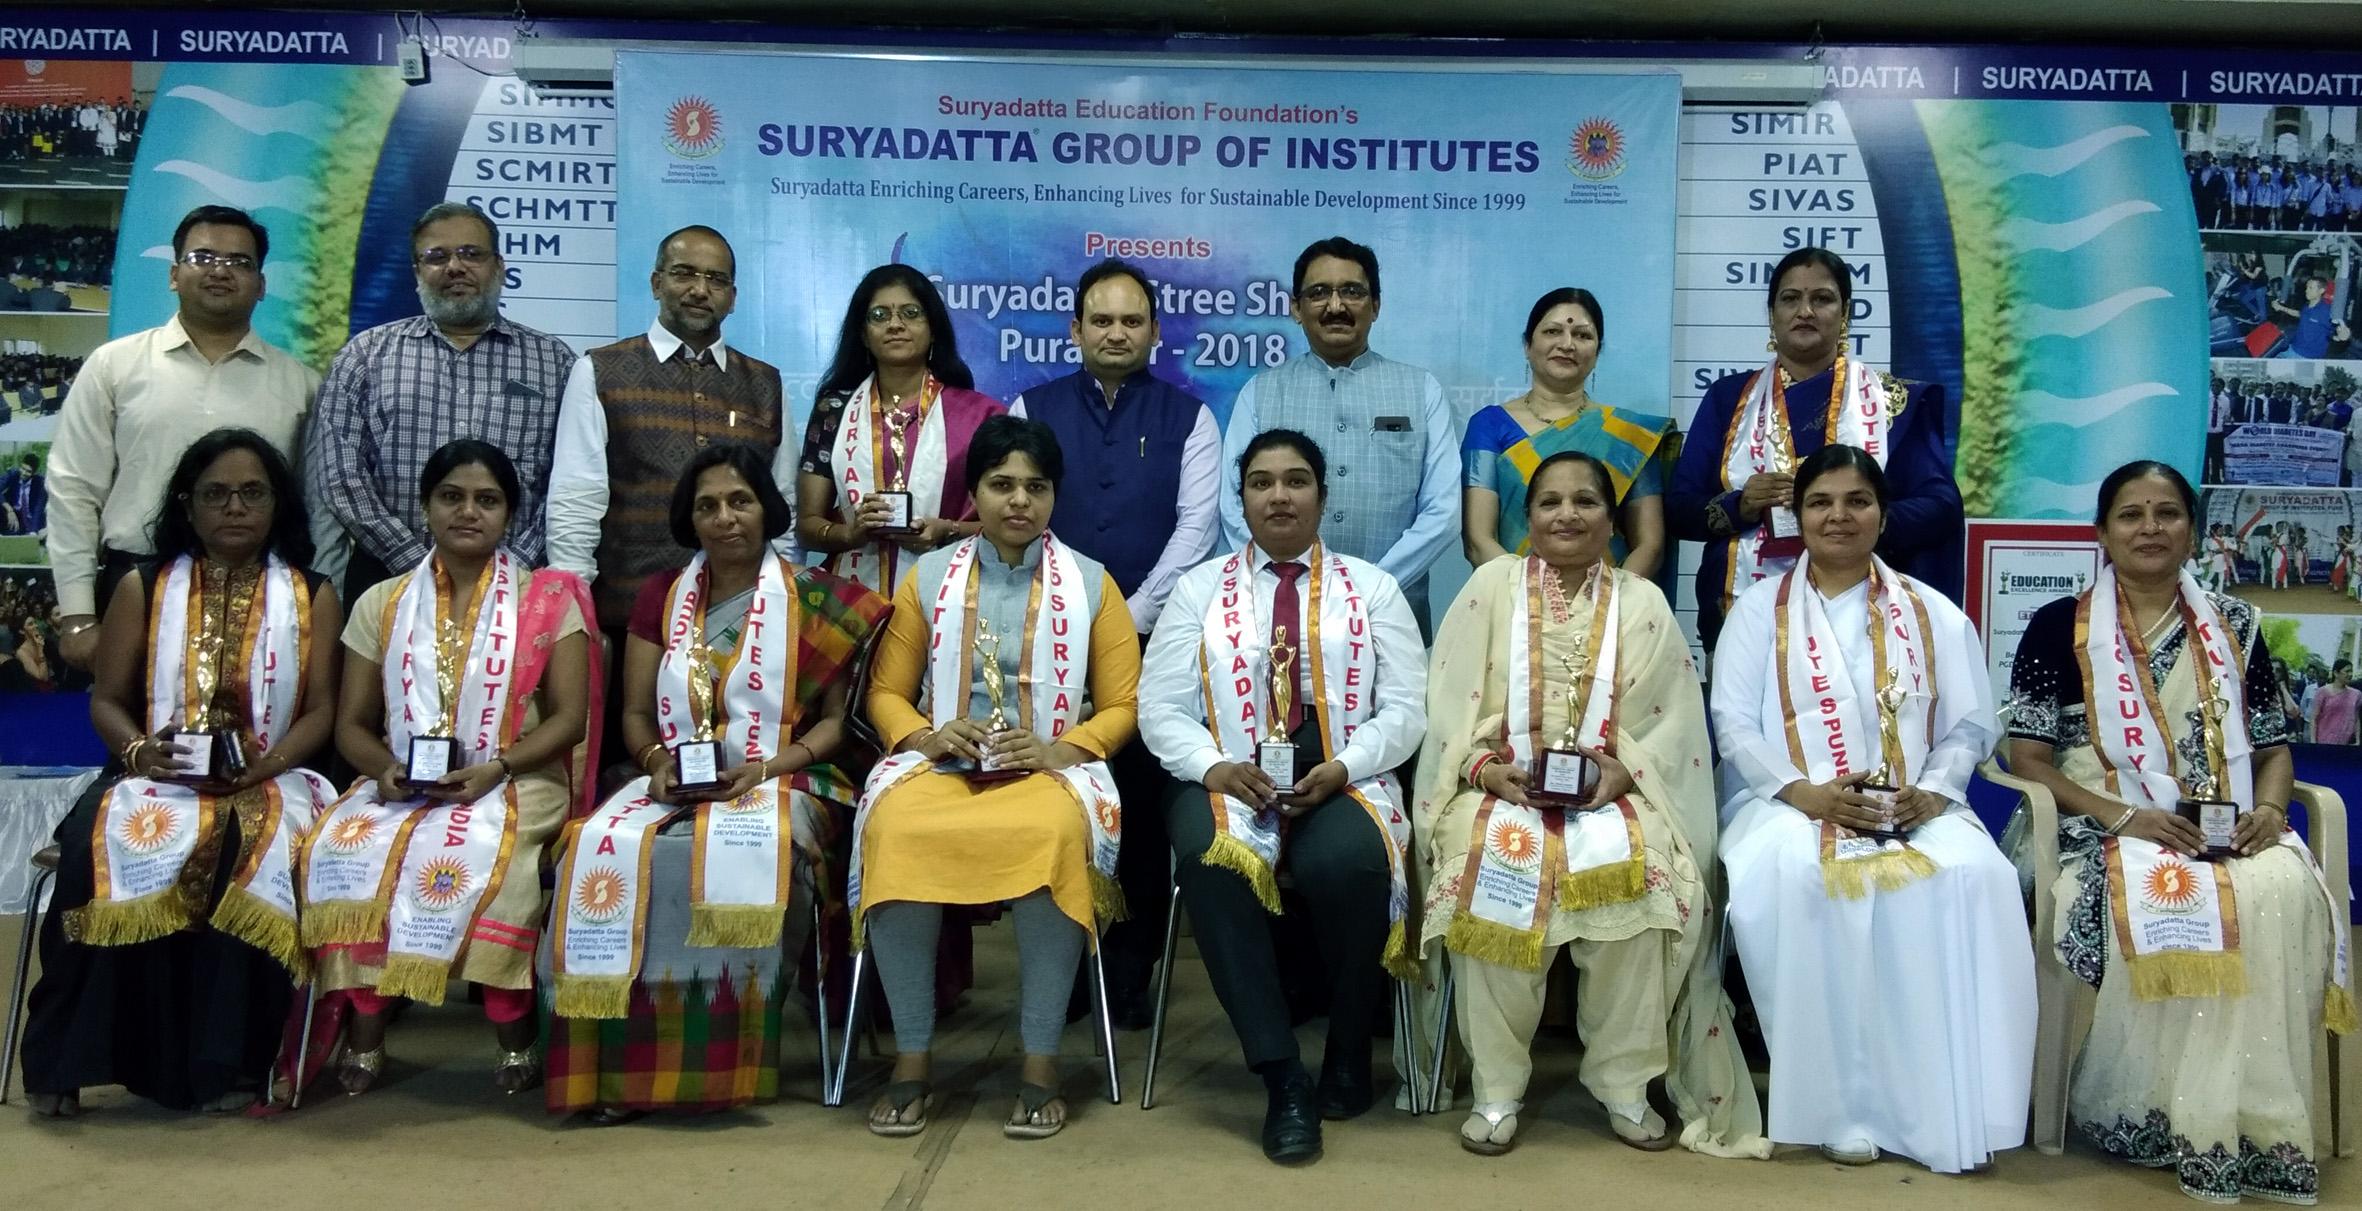 महिलांमुळेच भारतीय संस्कृती अबाधित-डॉ. दत्ता कोहिनकर